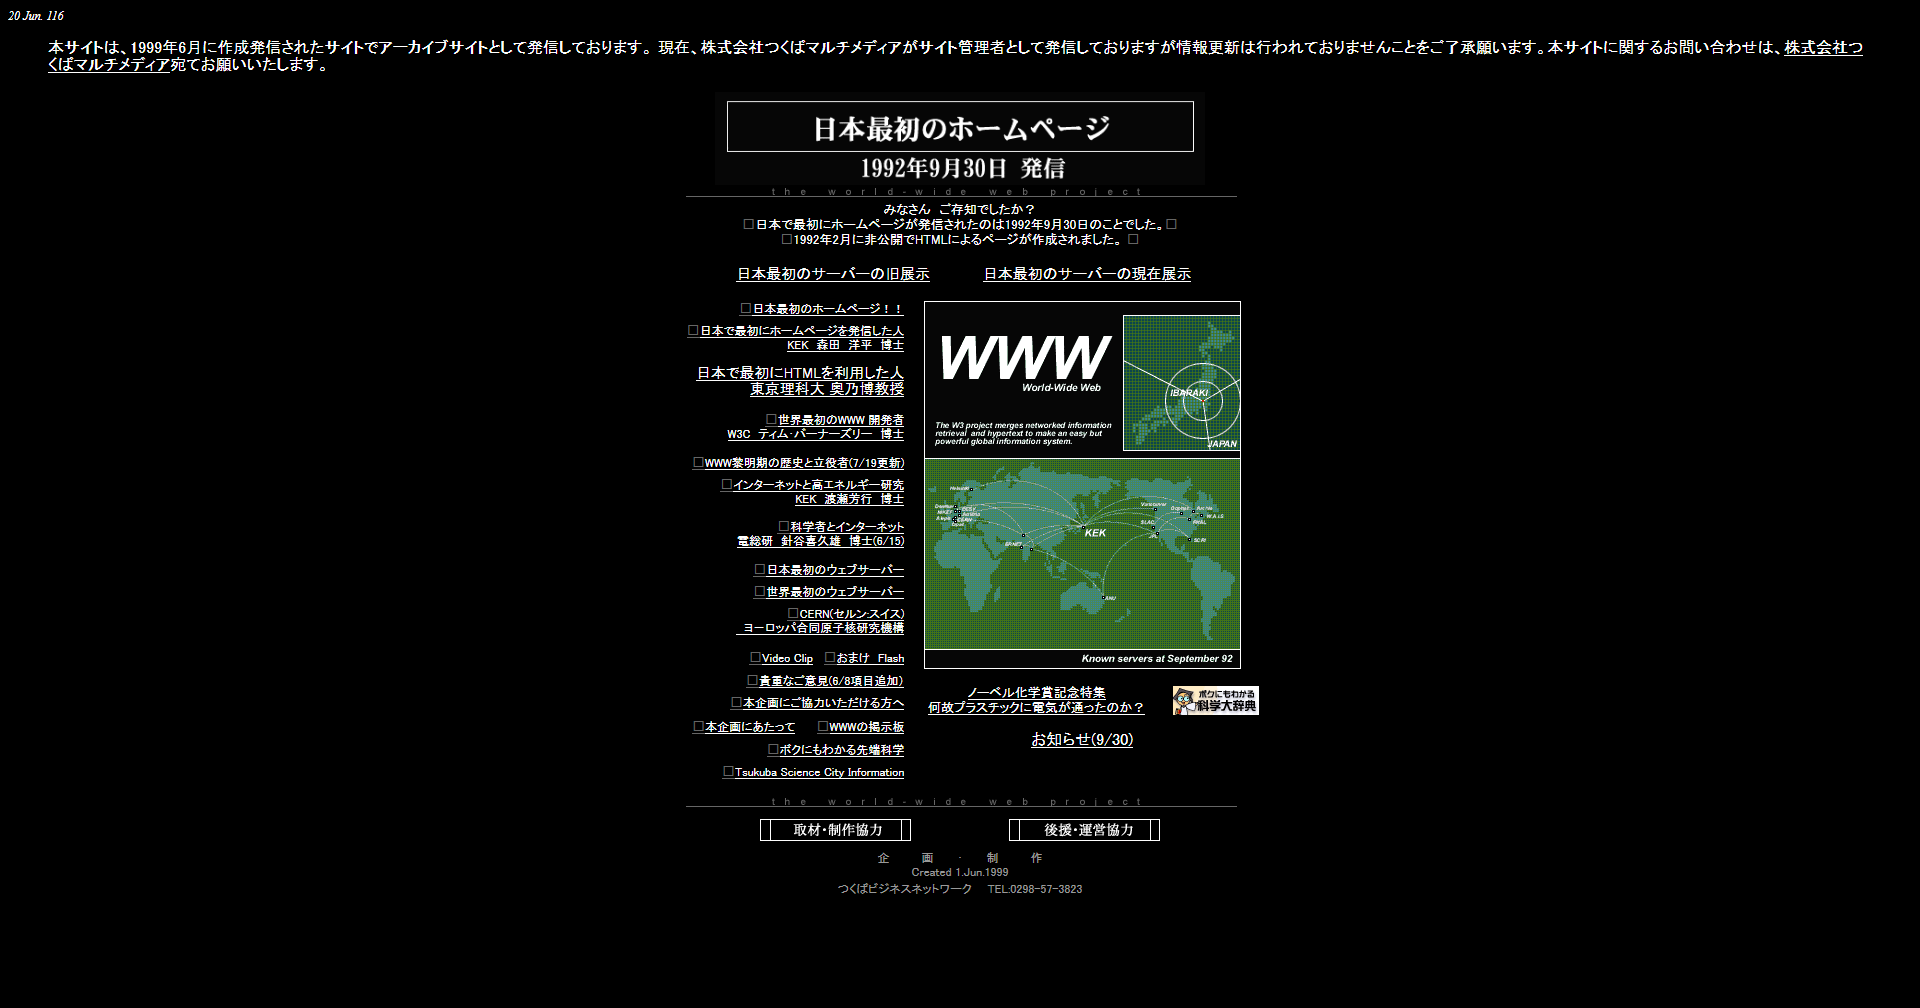 日本最初のホームページ